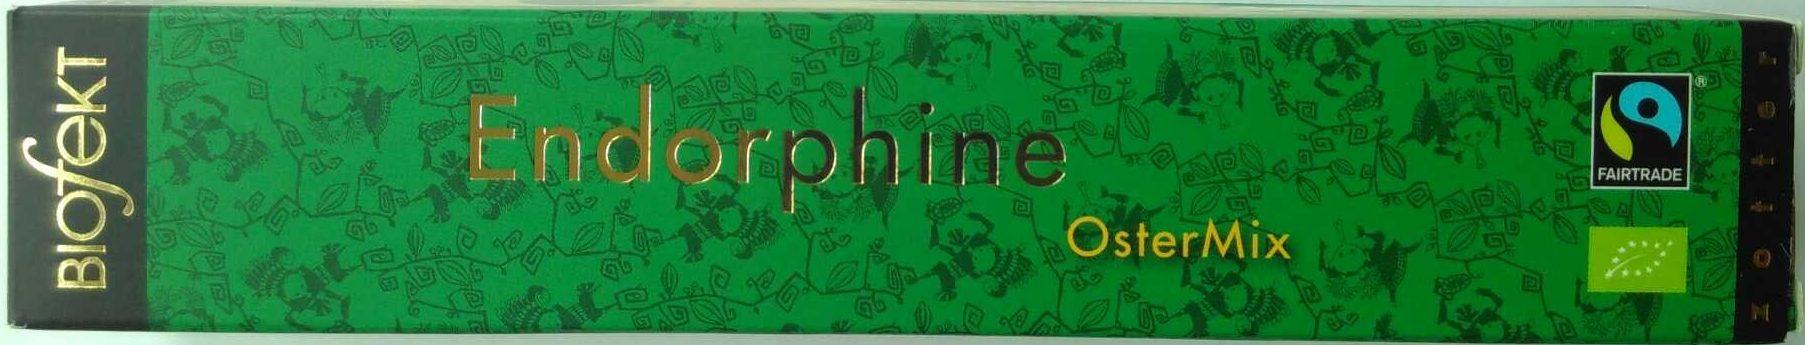 Endorphine OsterMix - Product - de